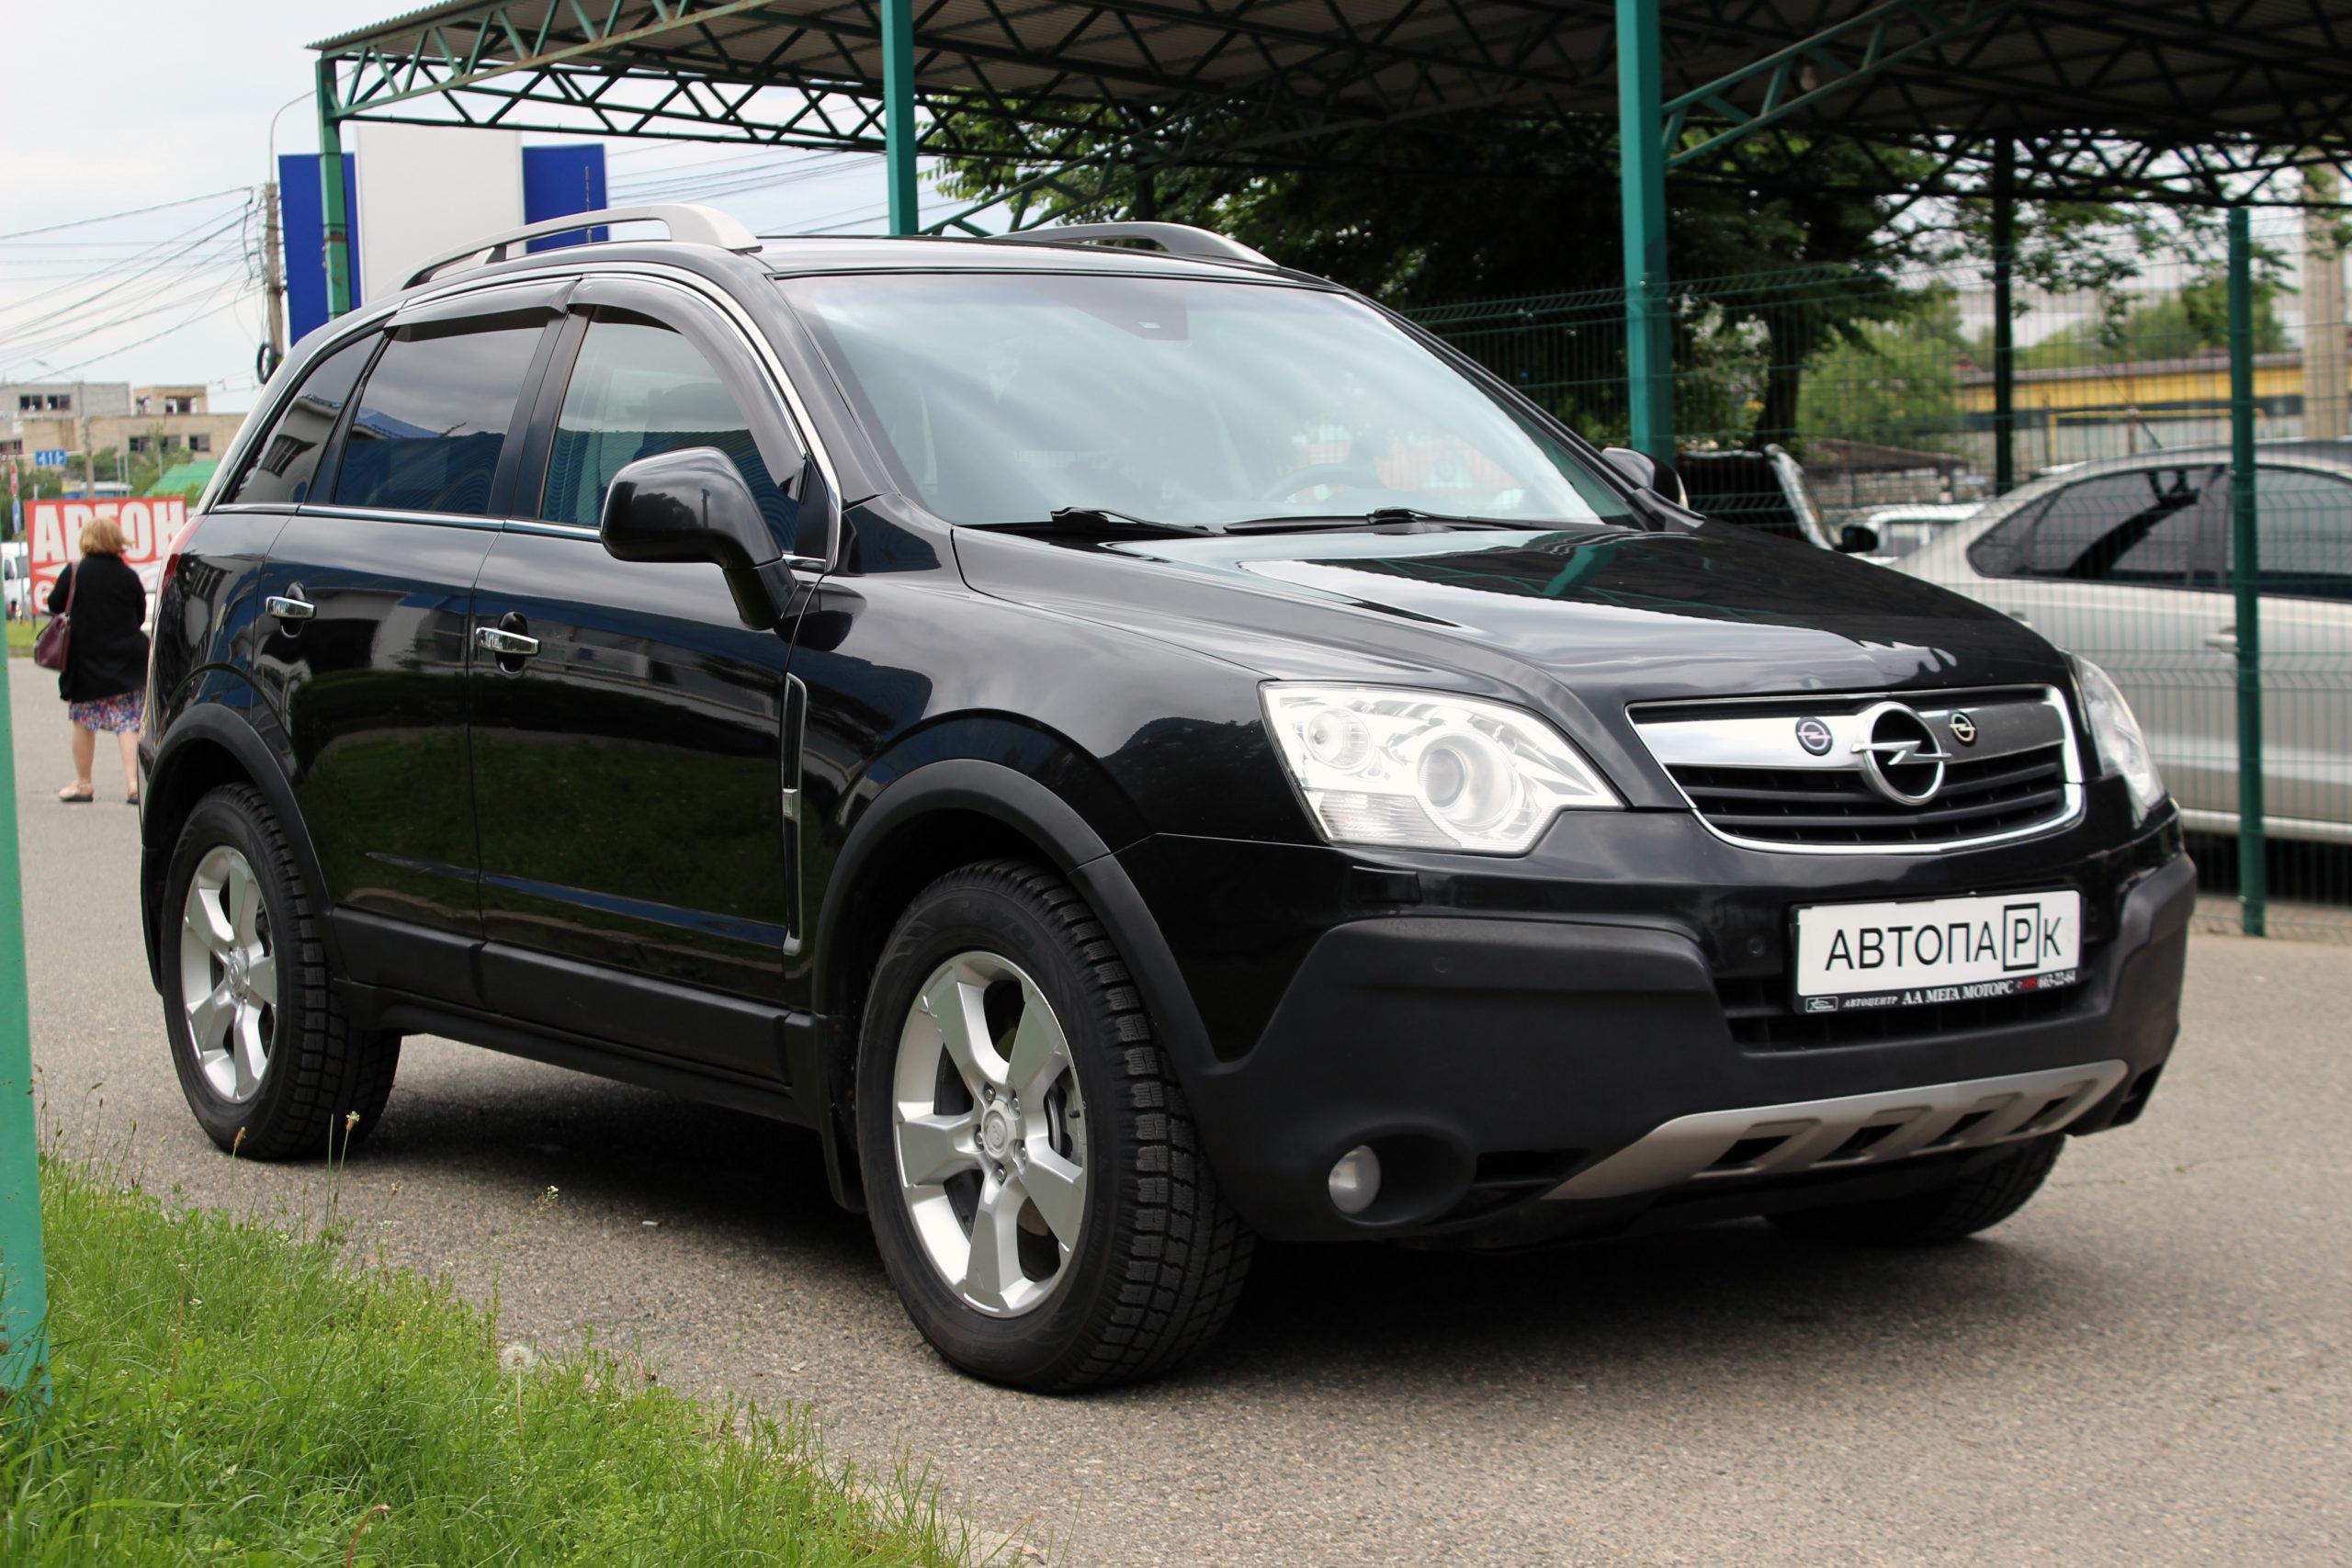 Купить Opel Antara (Черный) - Автопарк Ставрополь